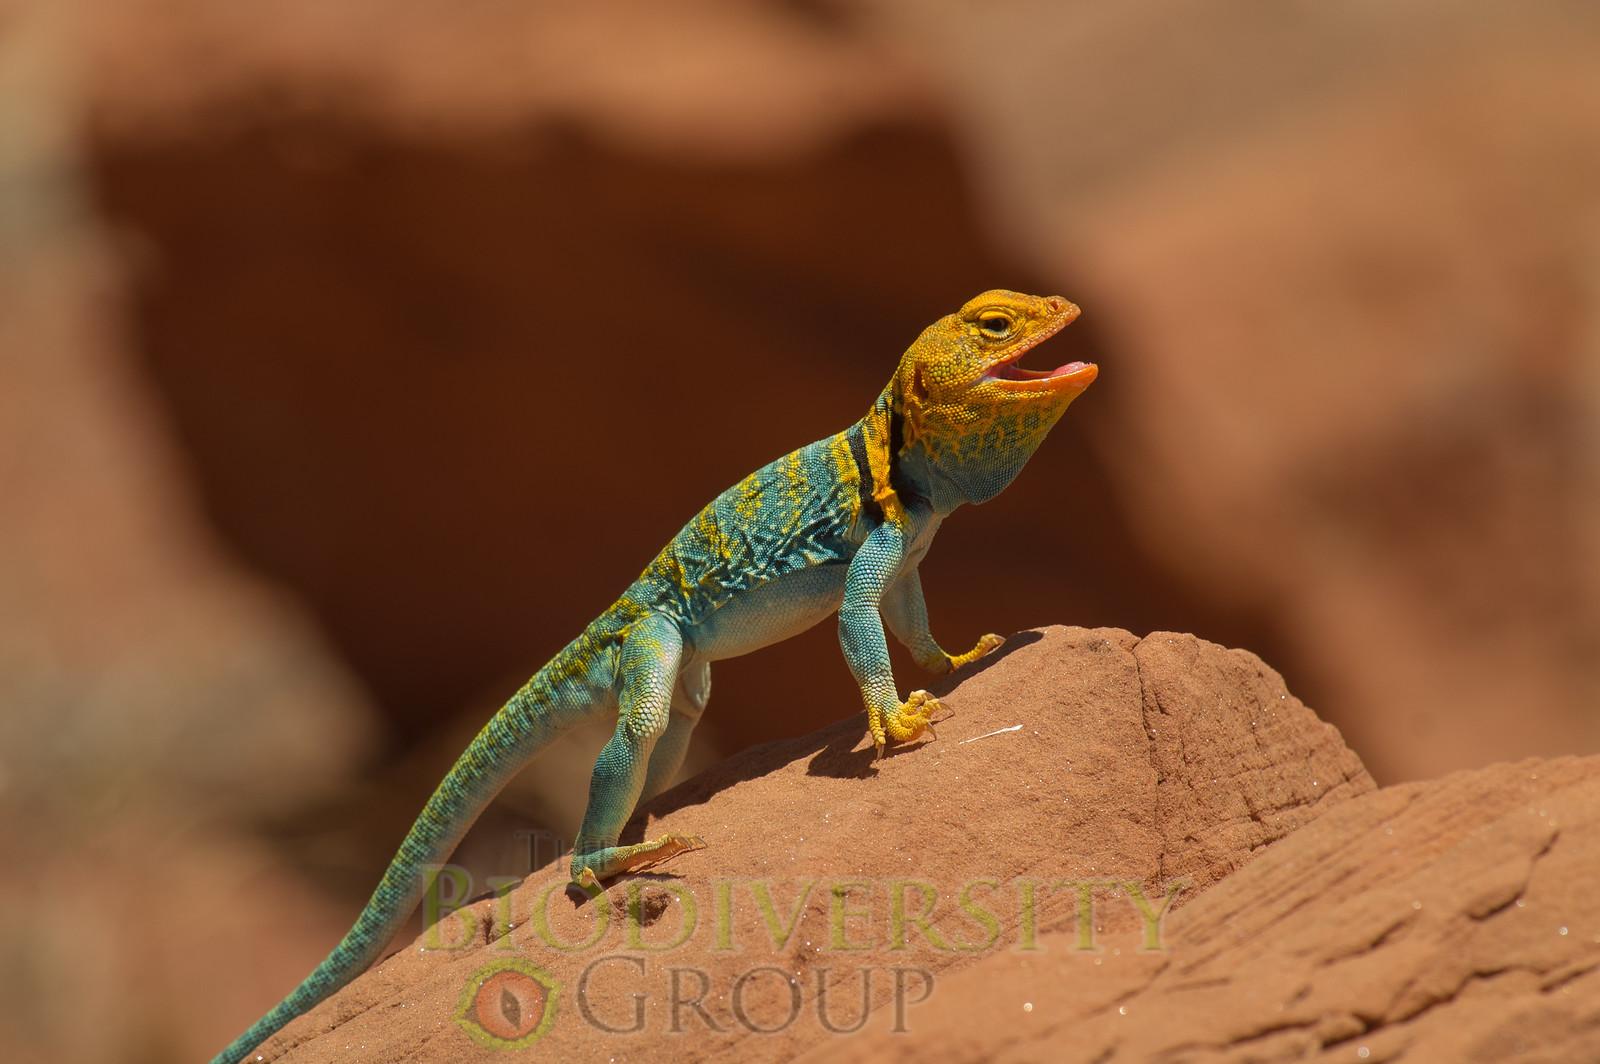 Biodiversity Group, PICT4591